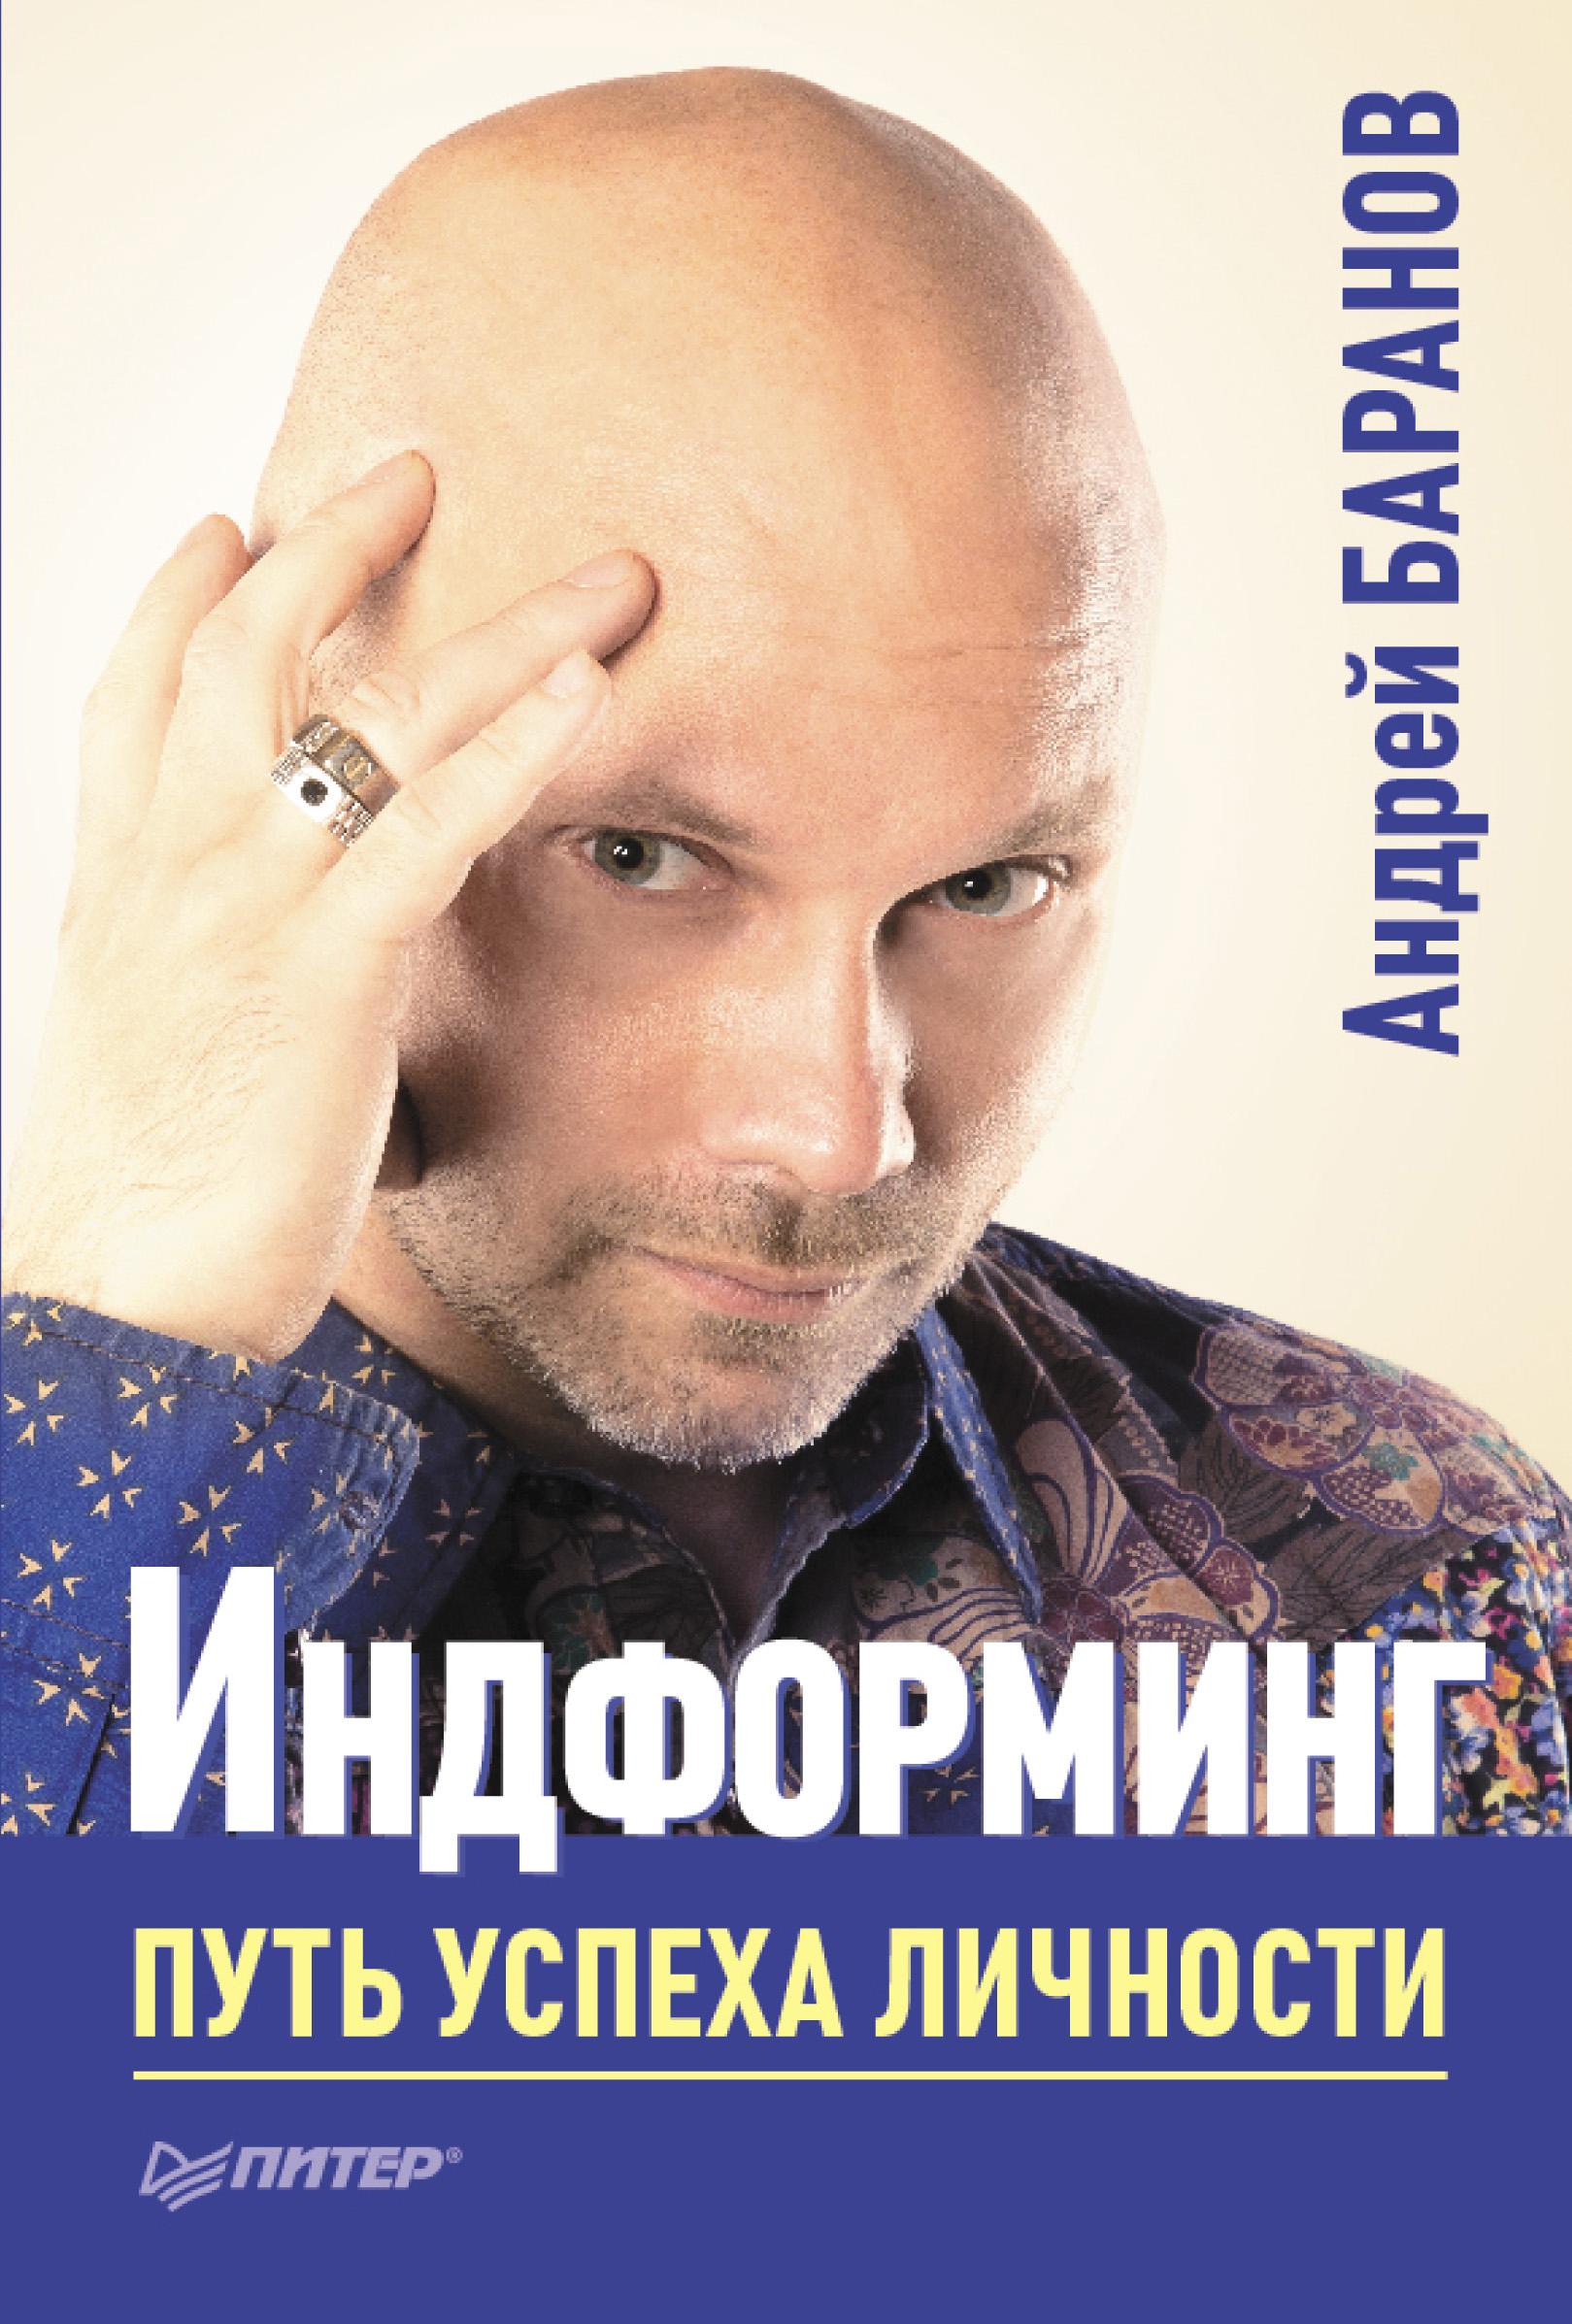 Андрей Баранов Индформинг. Путь успеха личности баранов андрей андрей баранов мамакабо